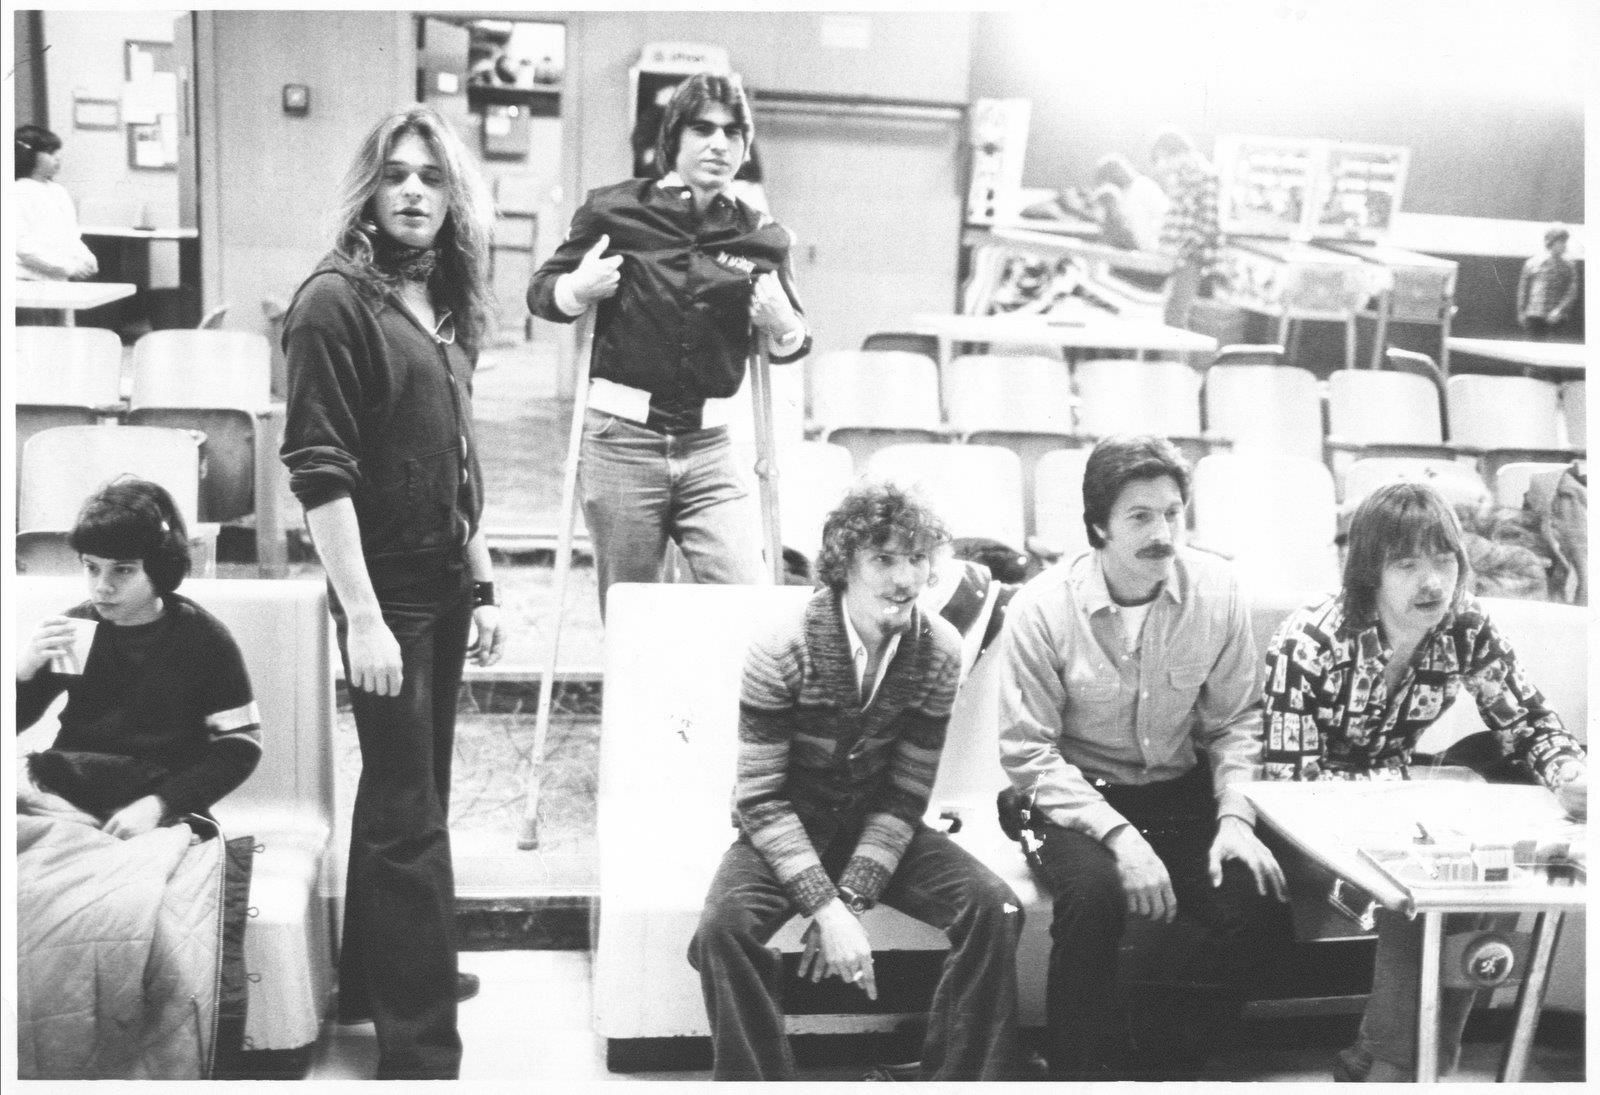 David Lee Roth Of Van Halen Bowling In Ca Circa 1975 Van Halen David Lee Roth Rock Bands